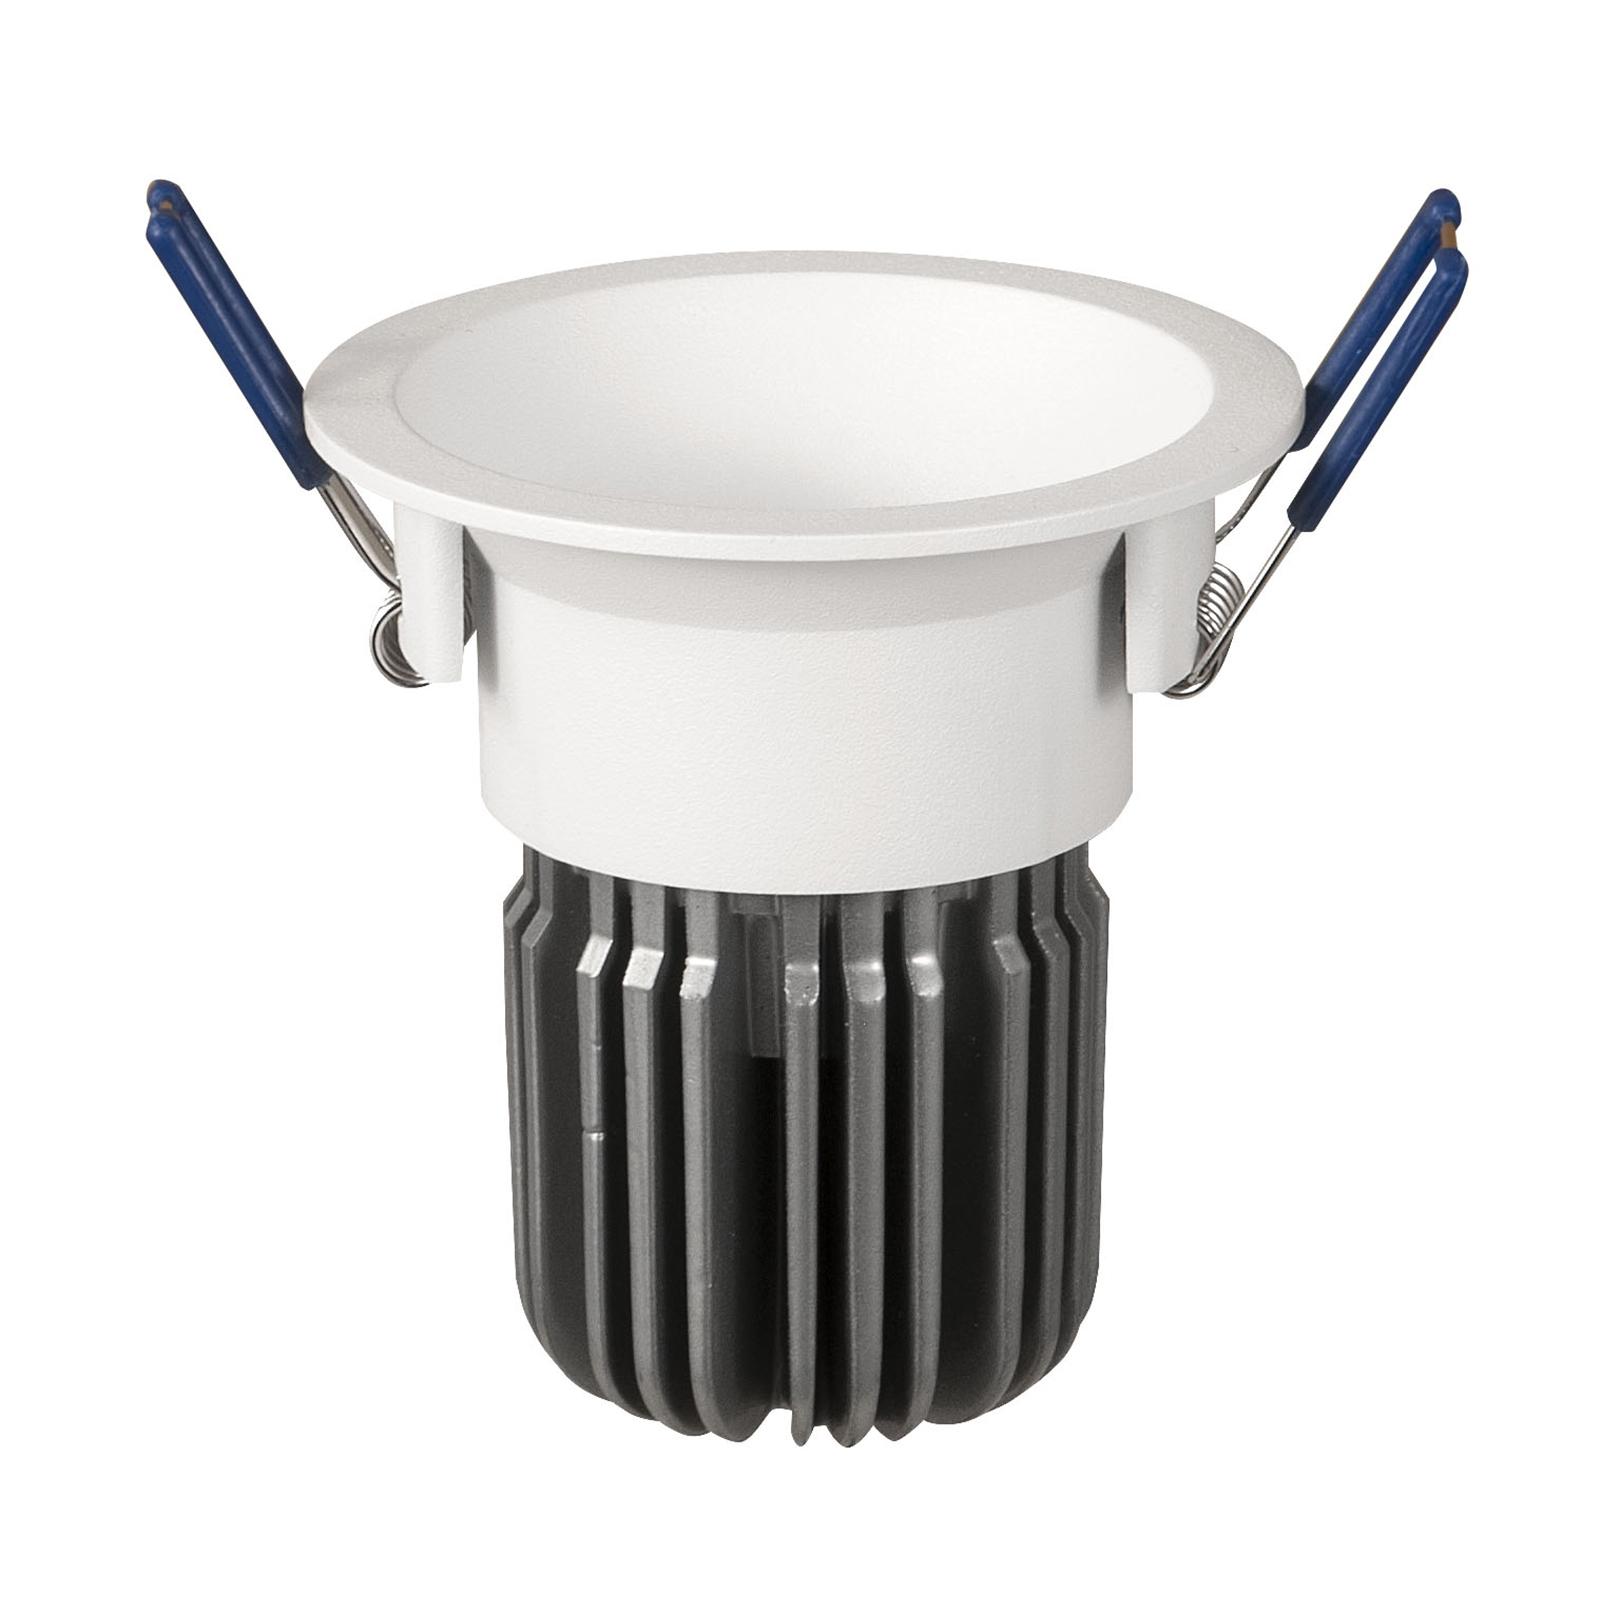 LED inbouwspot Toodle rond symmetrisch, wit